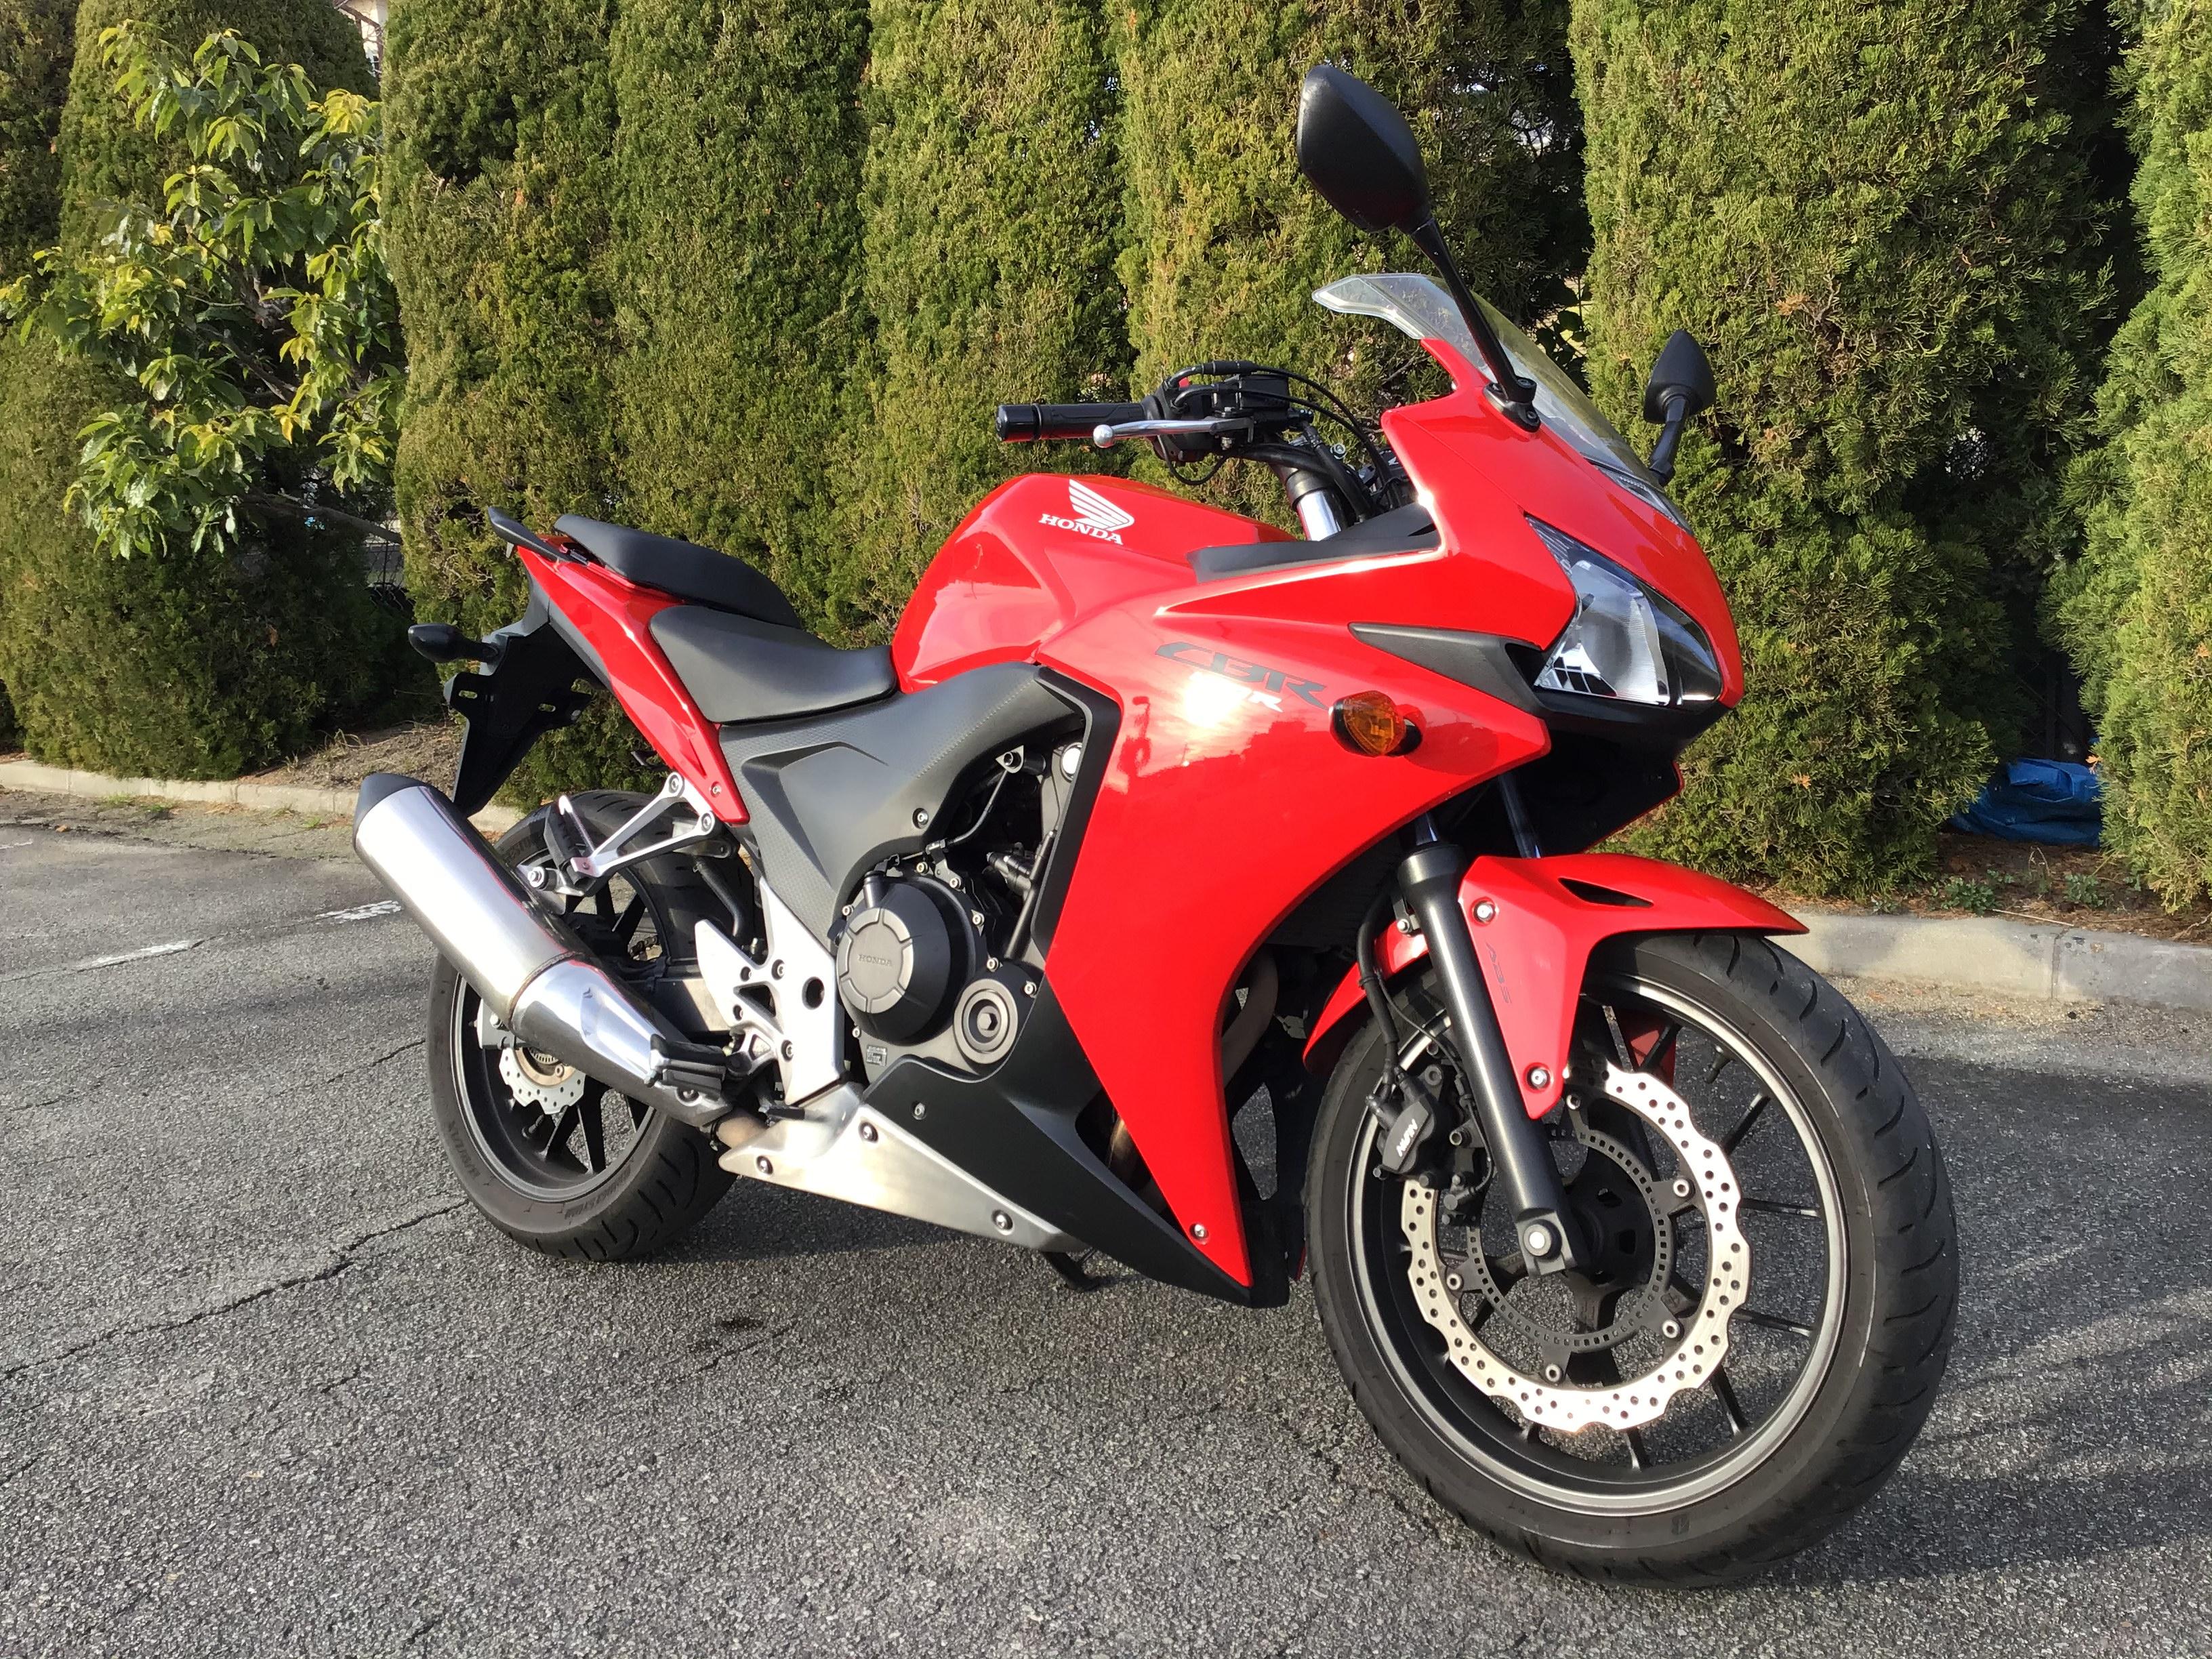 CBR400R(FC-000) - 【公式】レンタルバイクのベストBike® 大阪国際空港